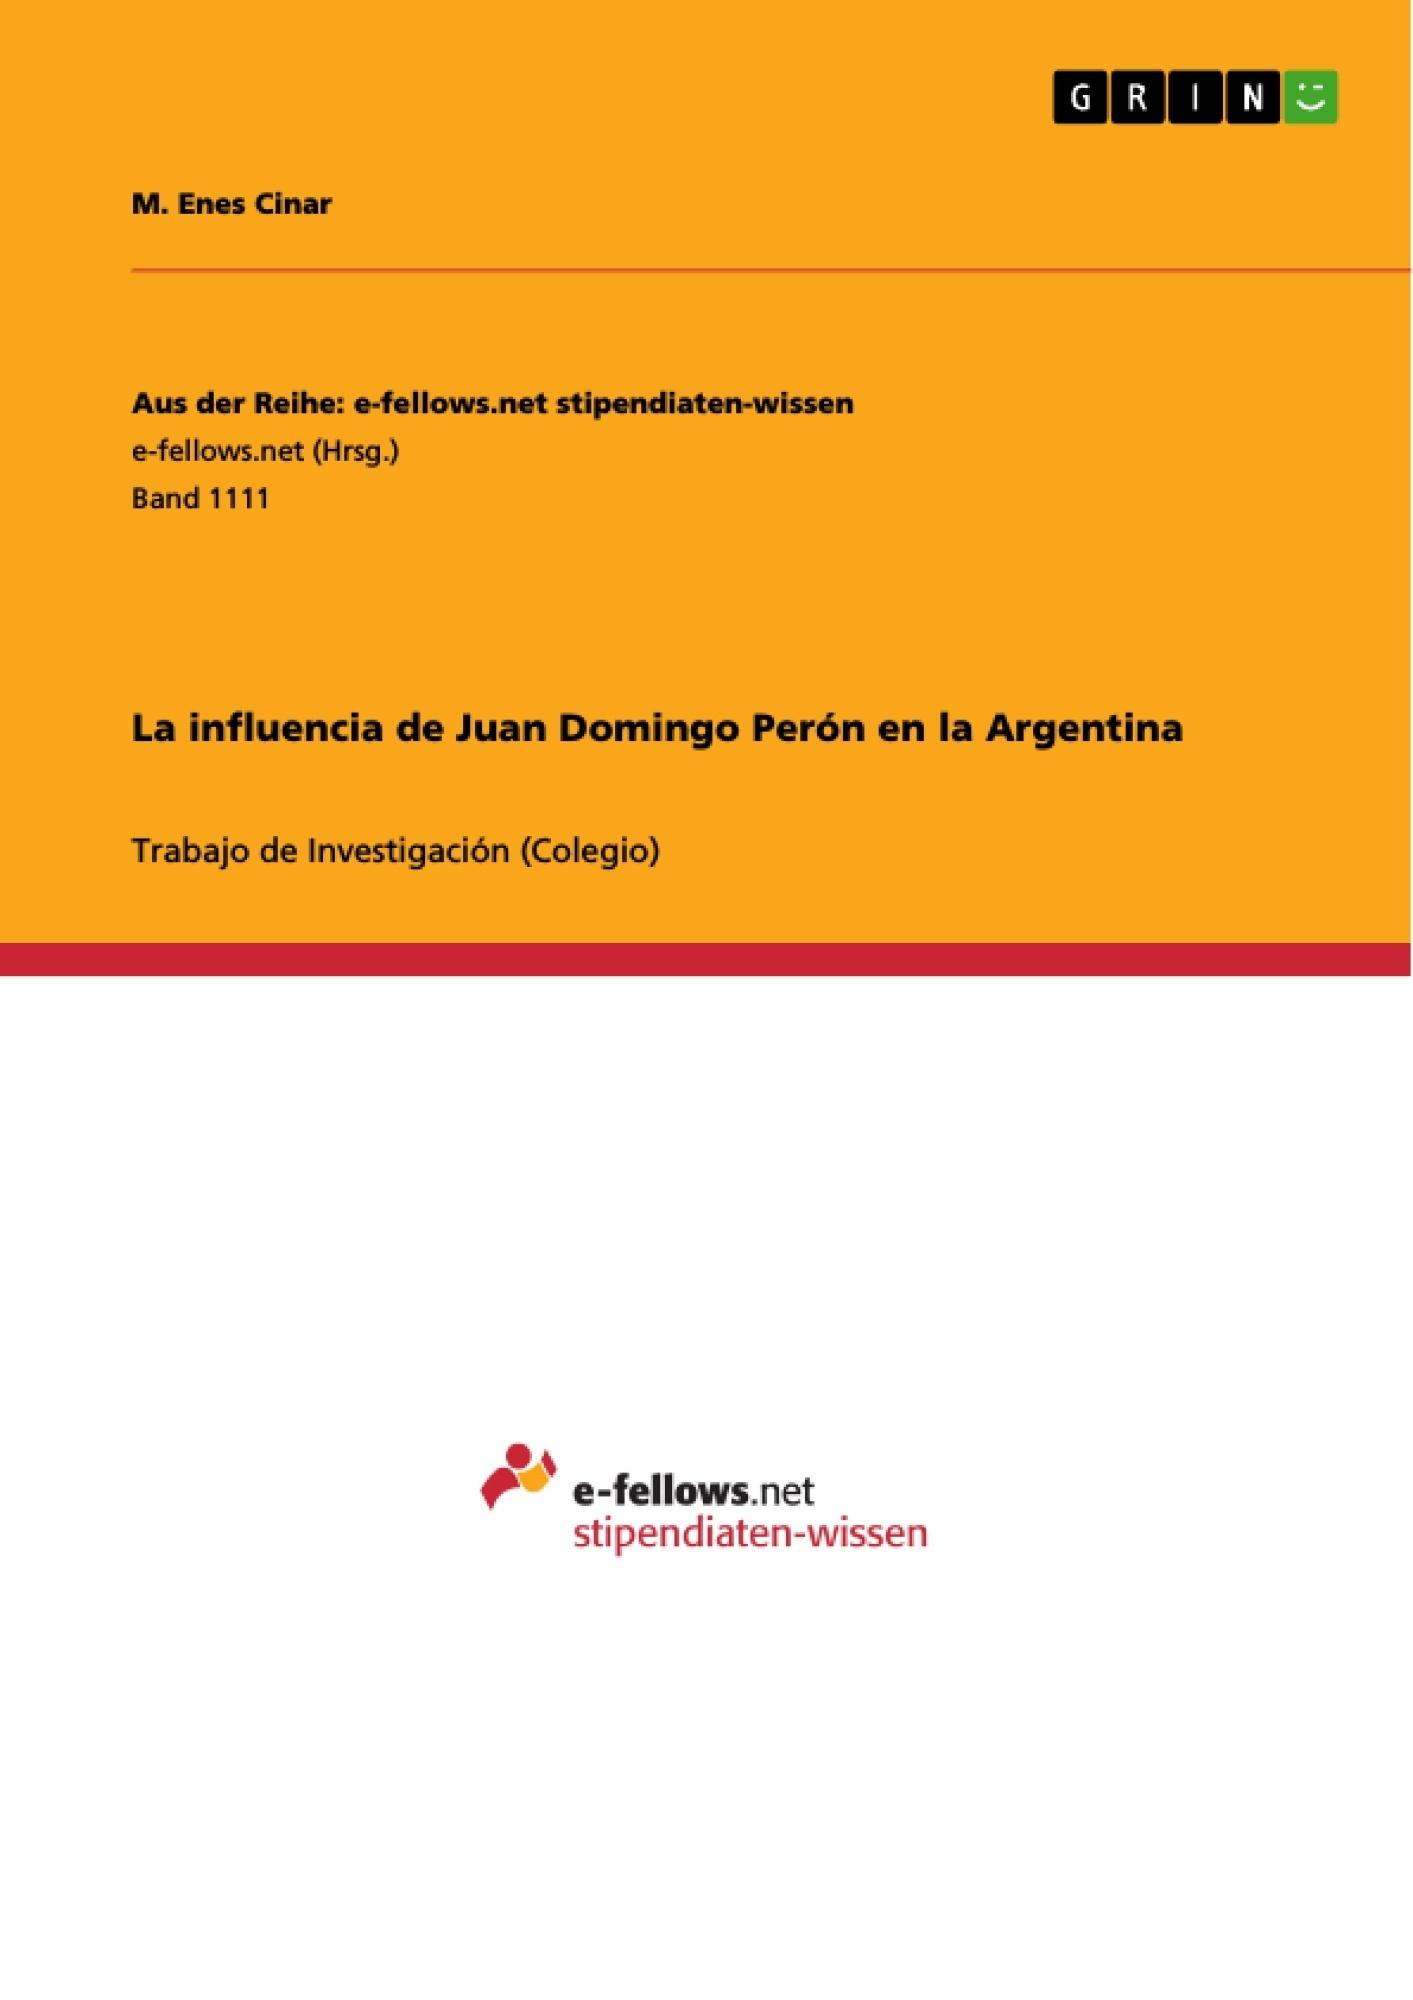 Título: La influencia de Juan Domingo Perón en la Argentina